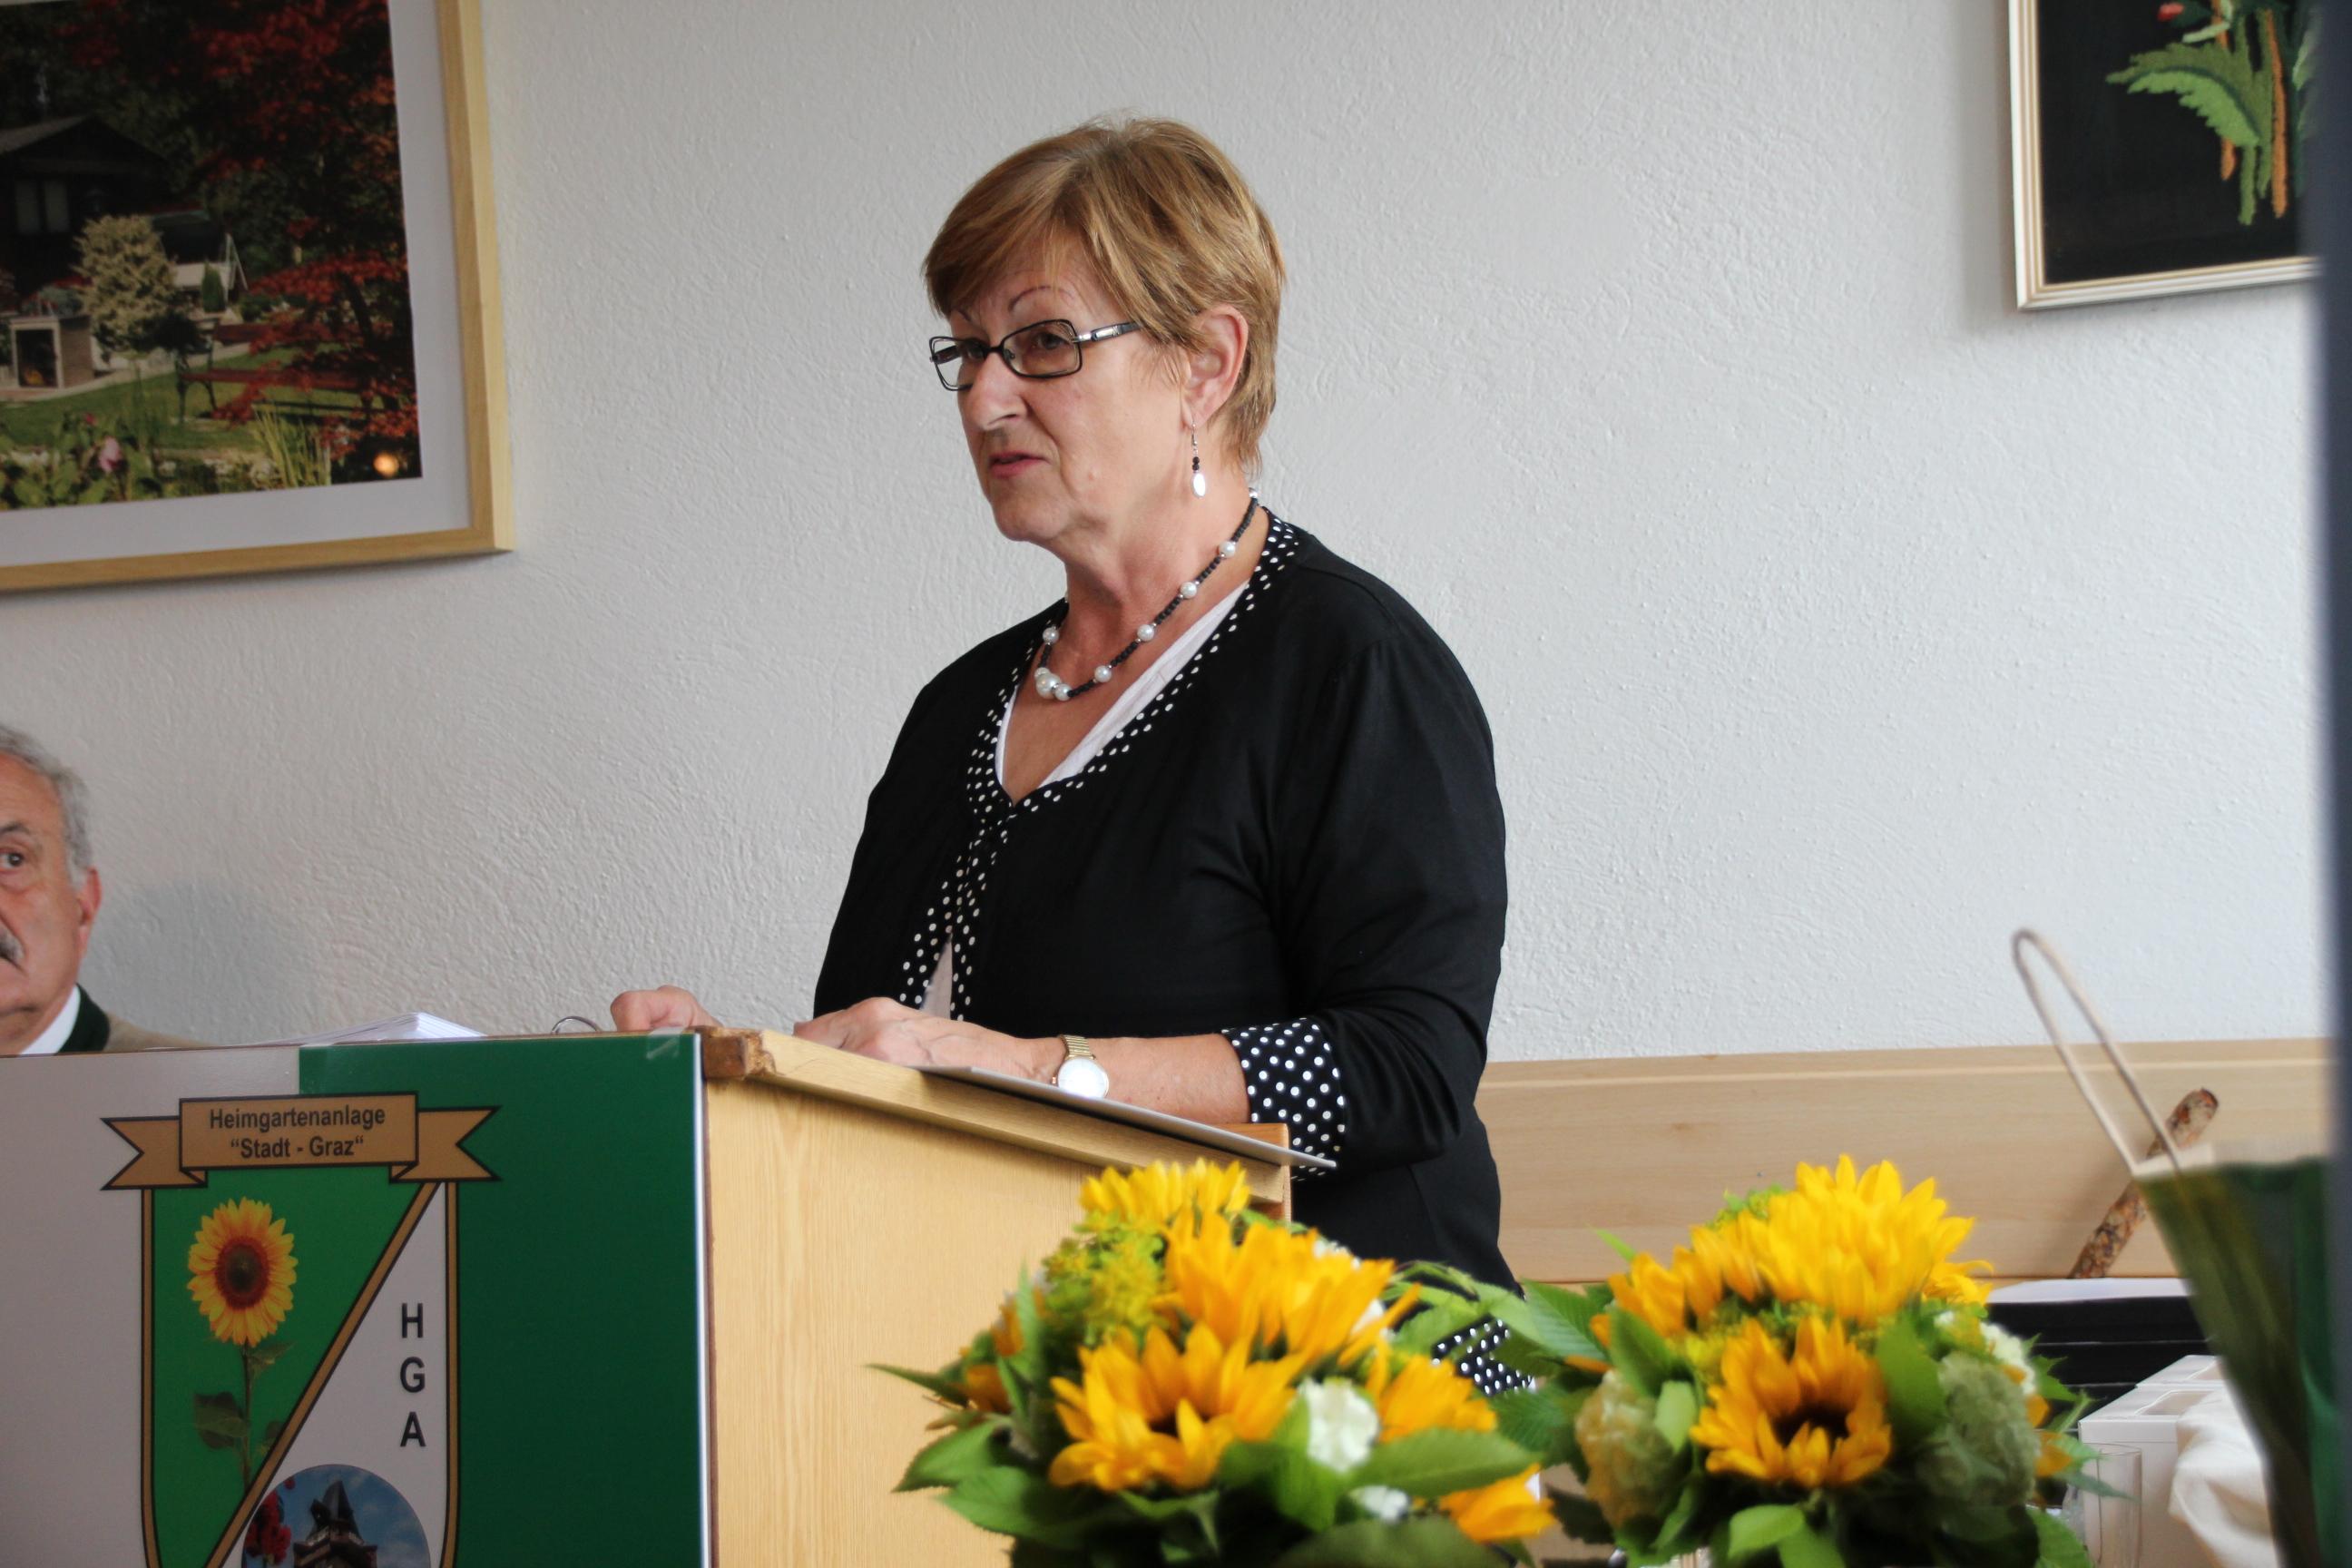 Vorsitzende der Kleingartenkommission GR Ingrid Heuberger